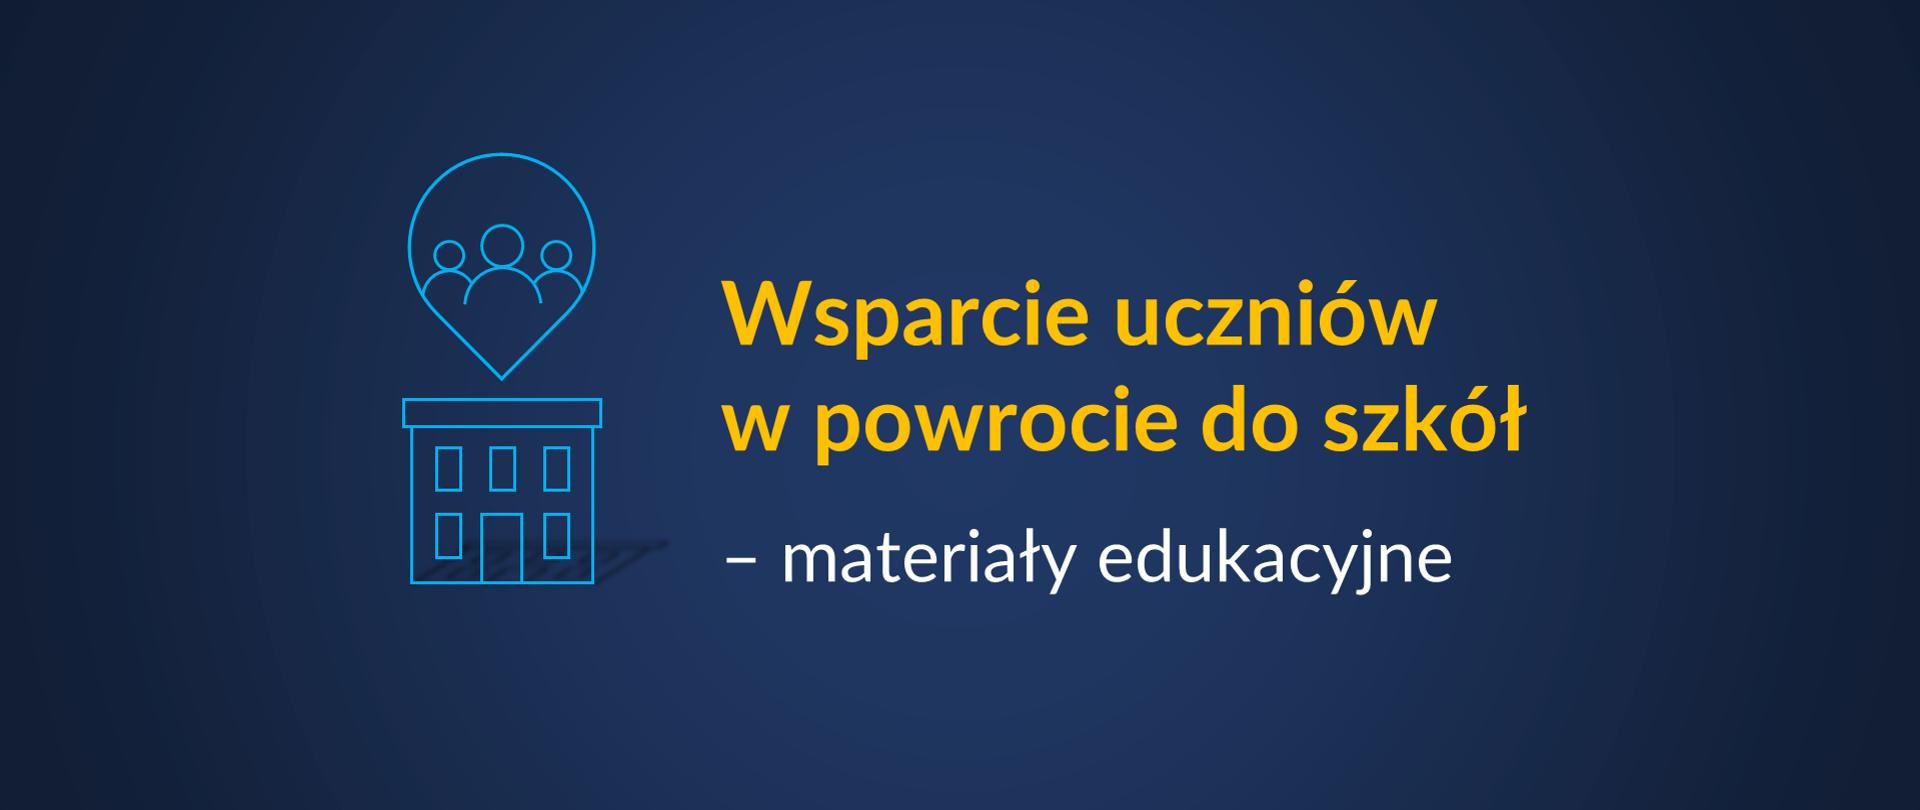 """Grafika z tekstem: """"Wsparcie uczniów w powrocie do szkół – materiały edukacyjne"""""""